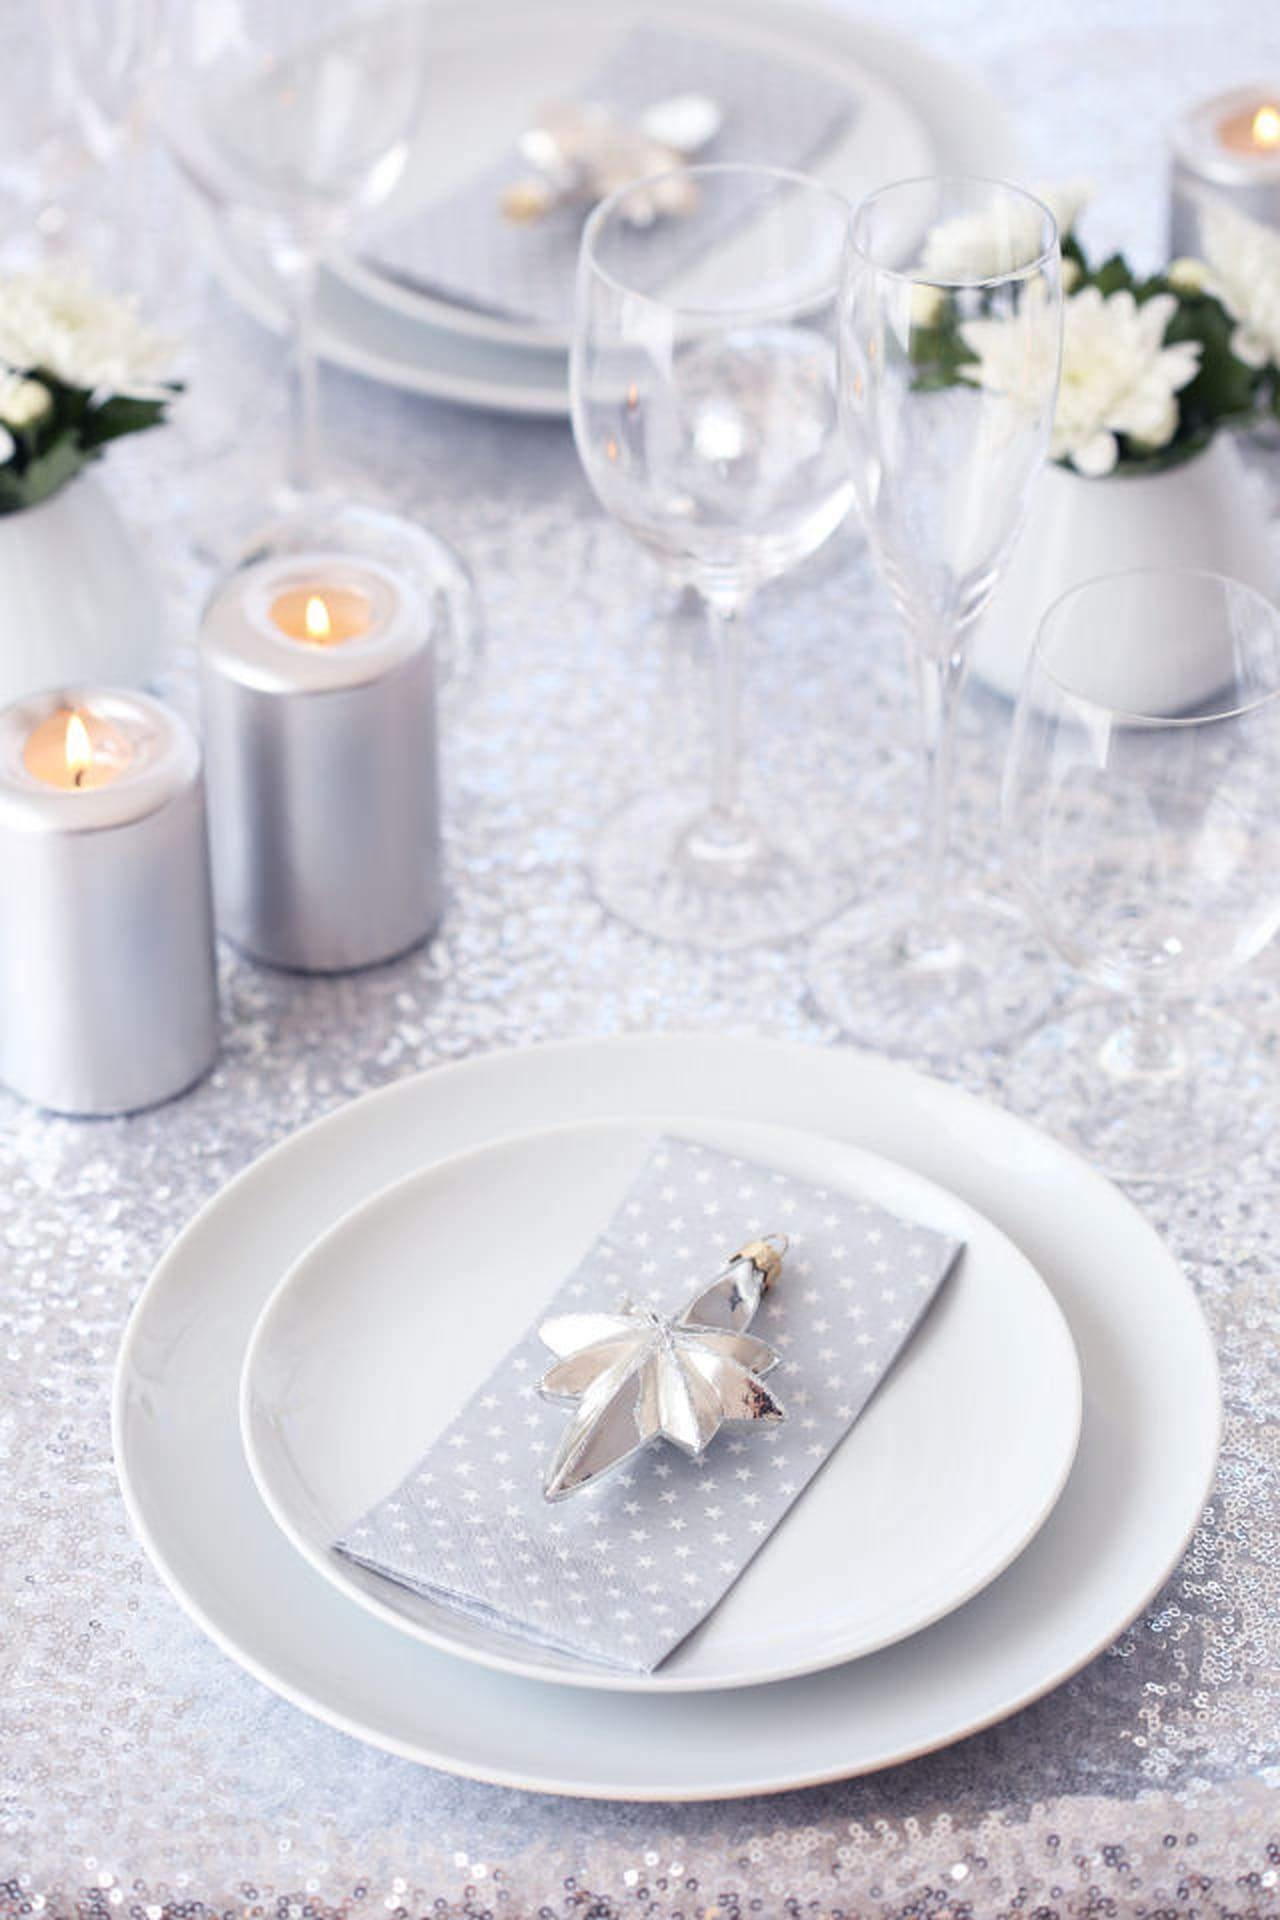 Decorazioni matrimonio idee per nozze invernali ed estive - Decorazioni per matrimonio ...